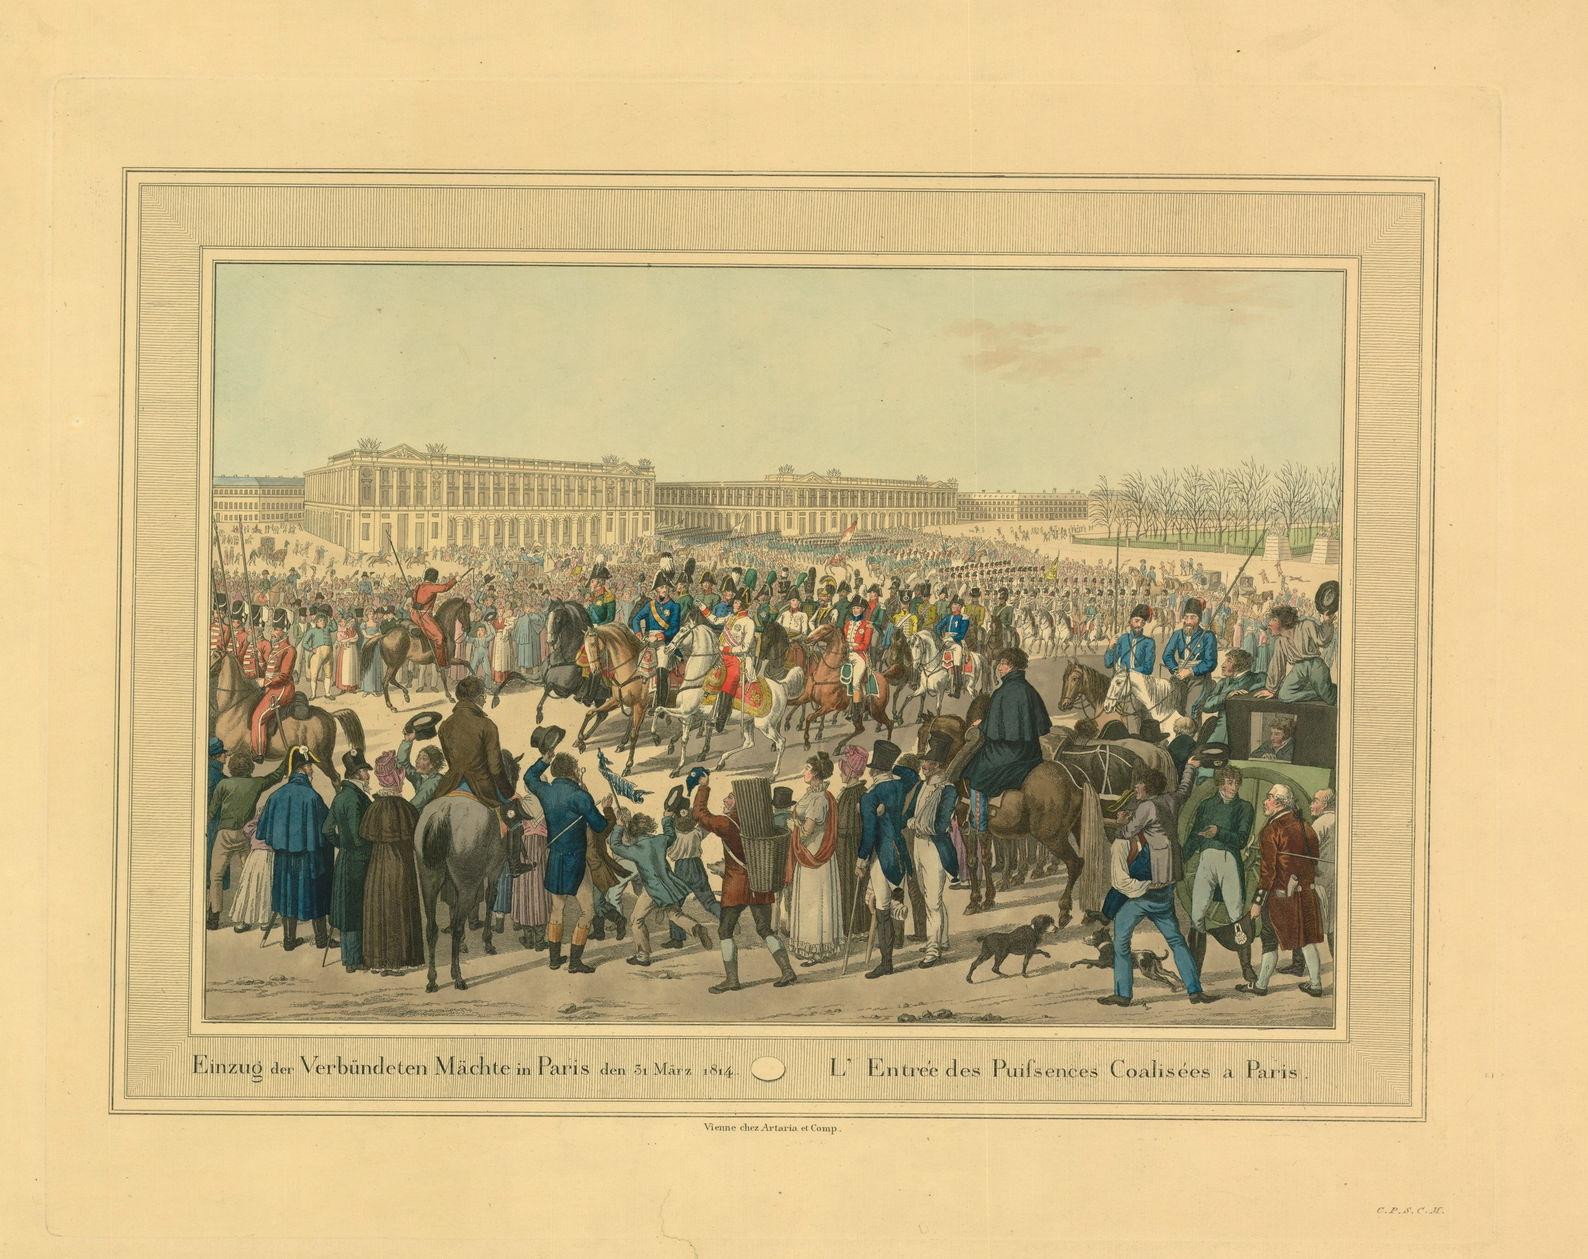 Гравюра К. Раля по рисунку И. Клейна Вступление союзников в Париж 31 марта 1814 г., 1815